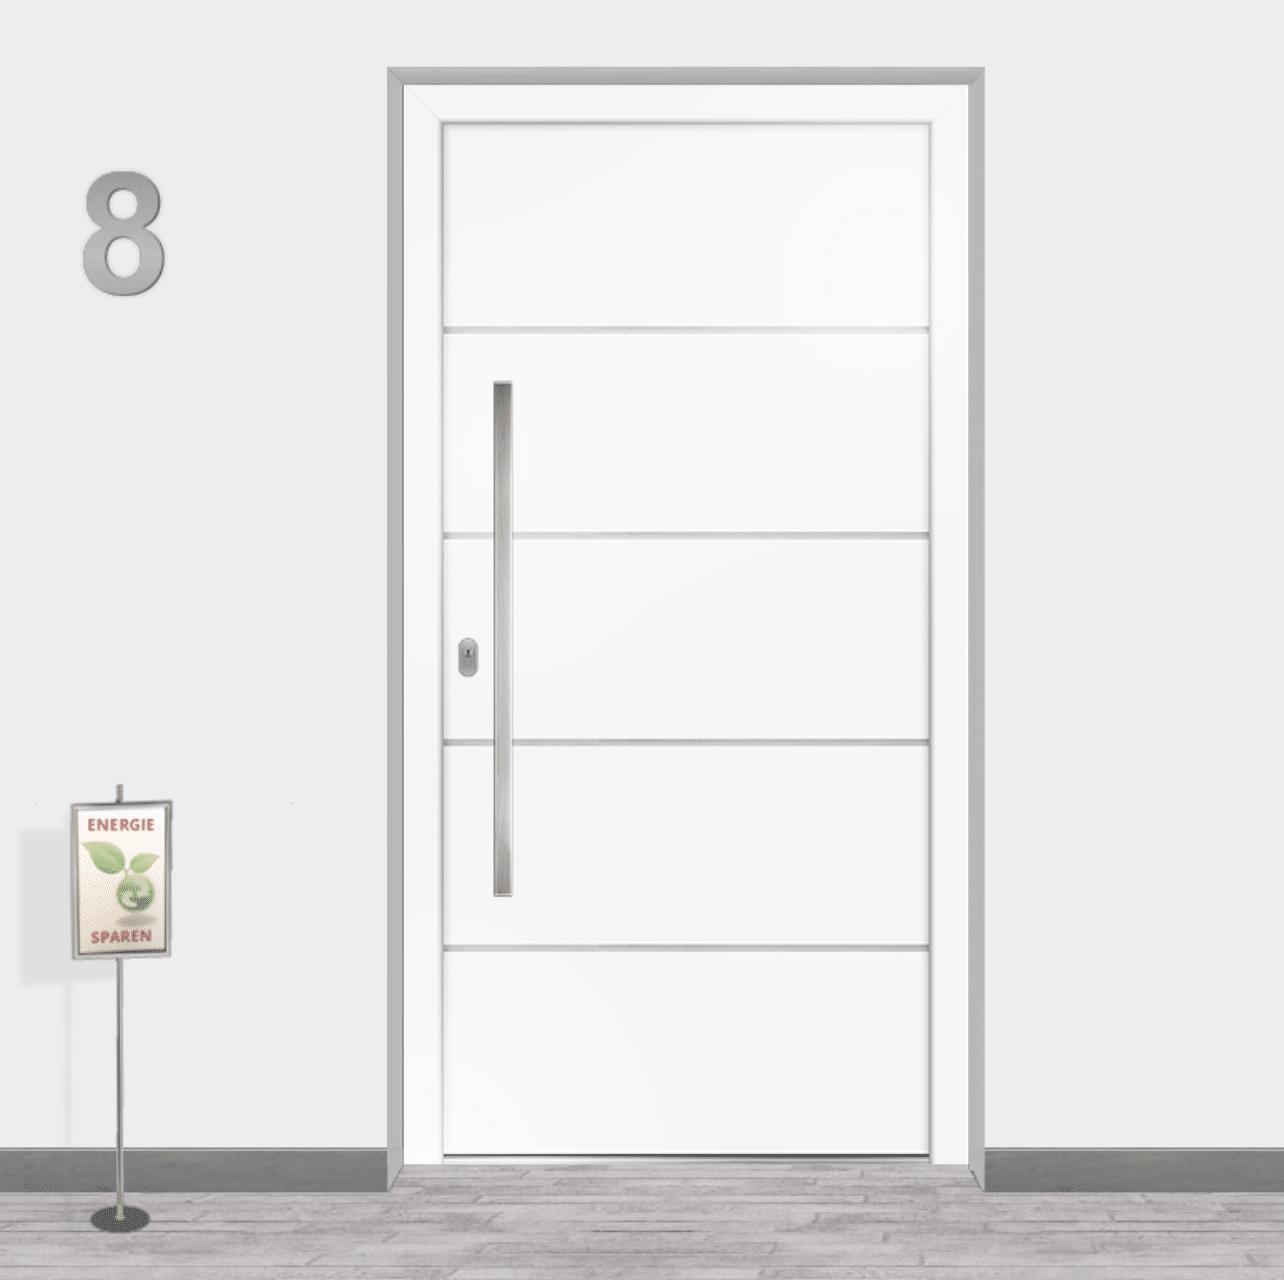 Klinkerfassade mit Kunststofftüre weiß